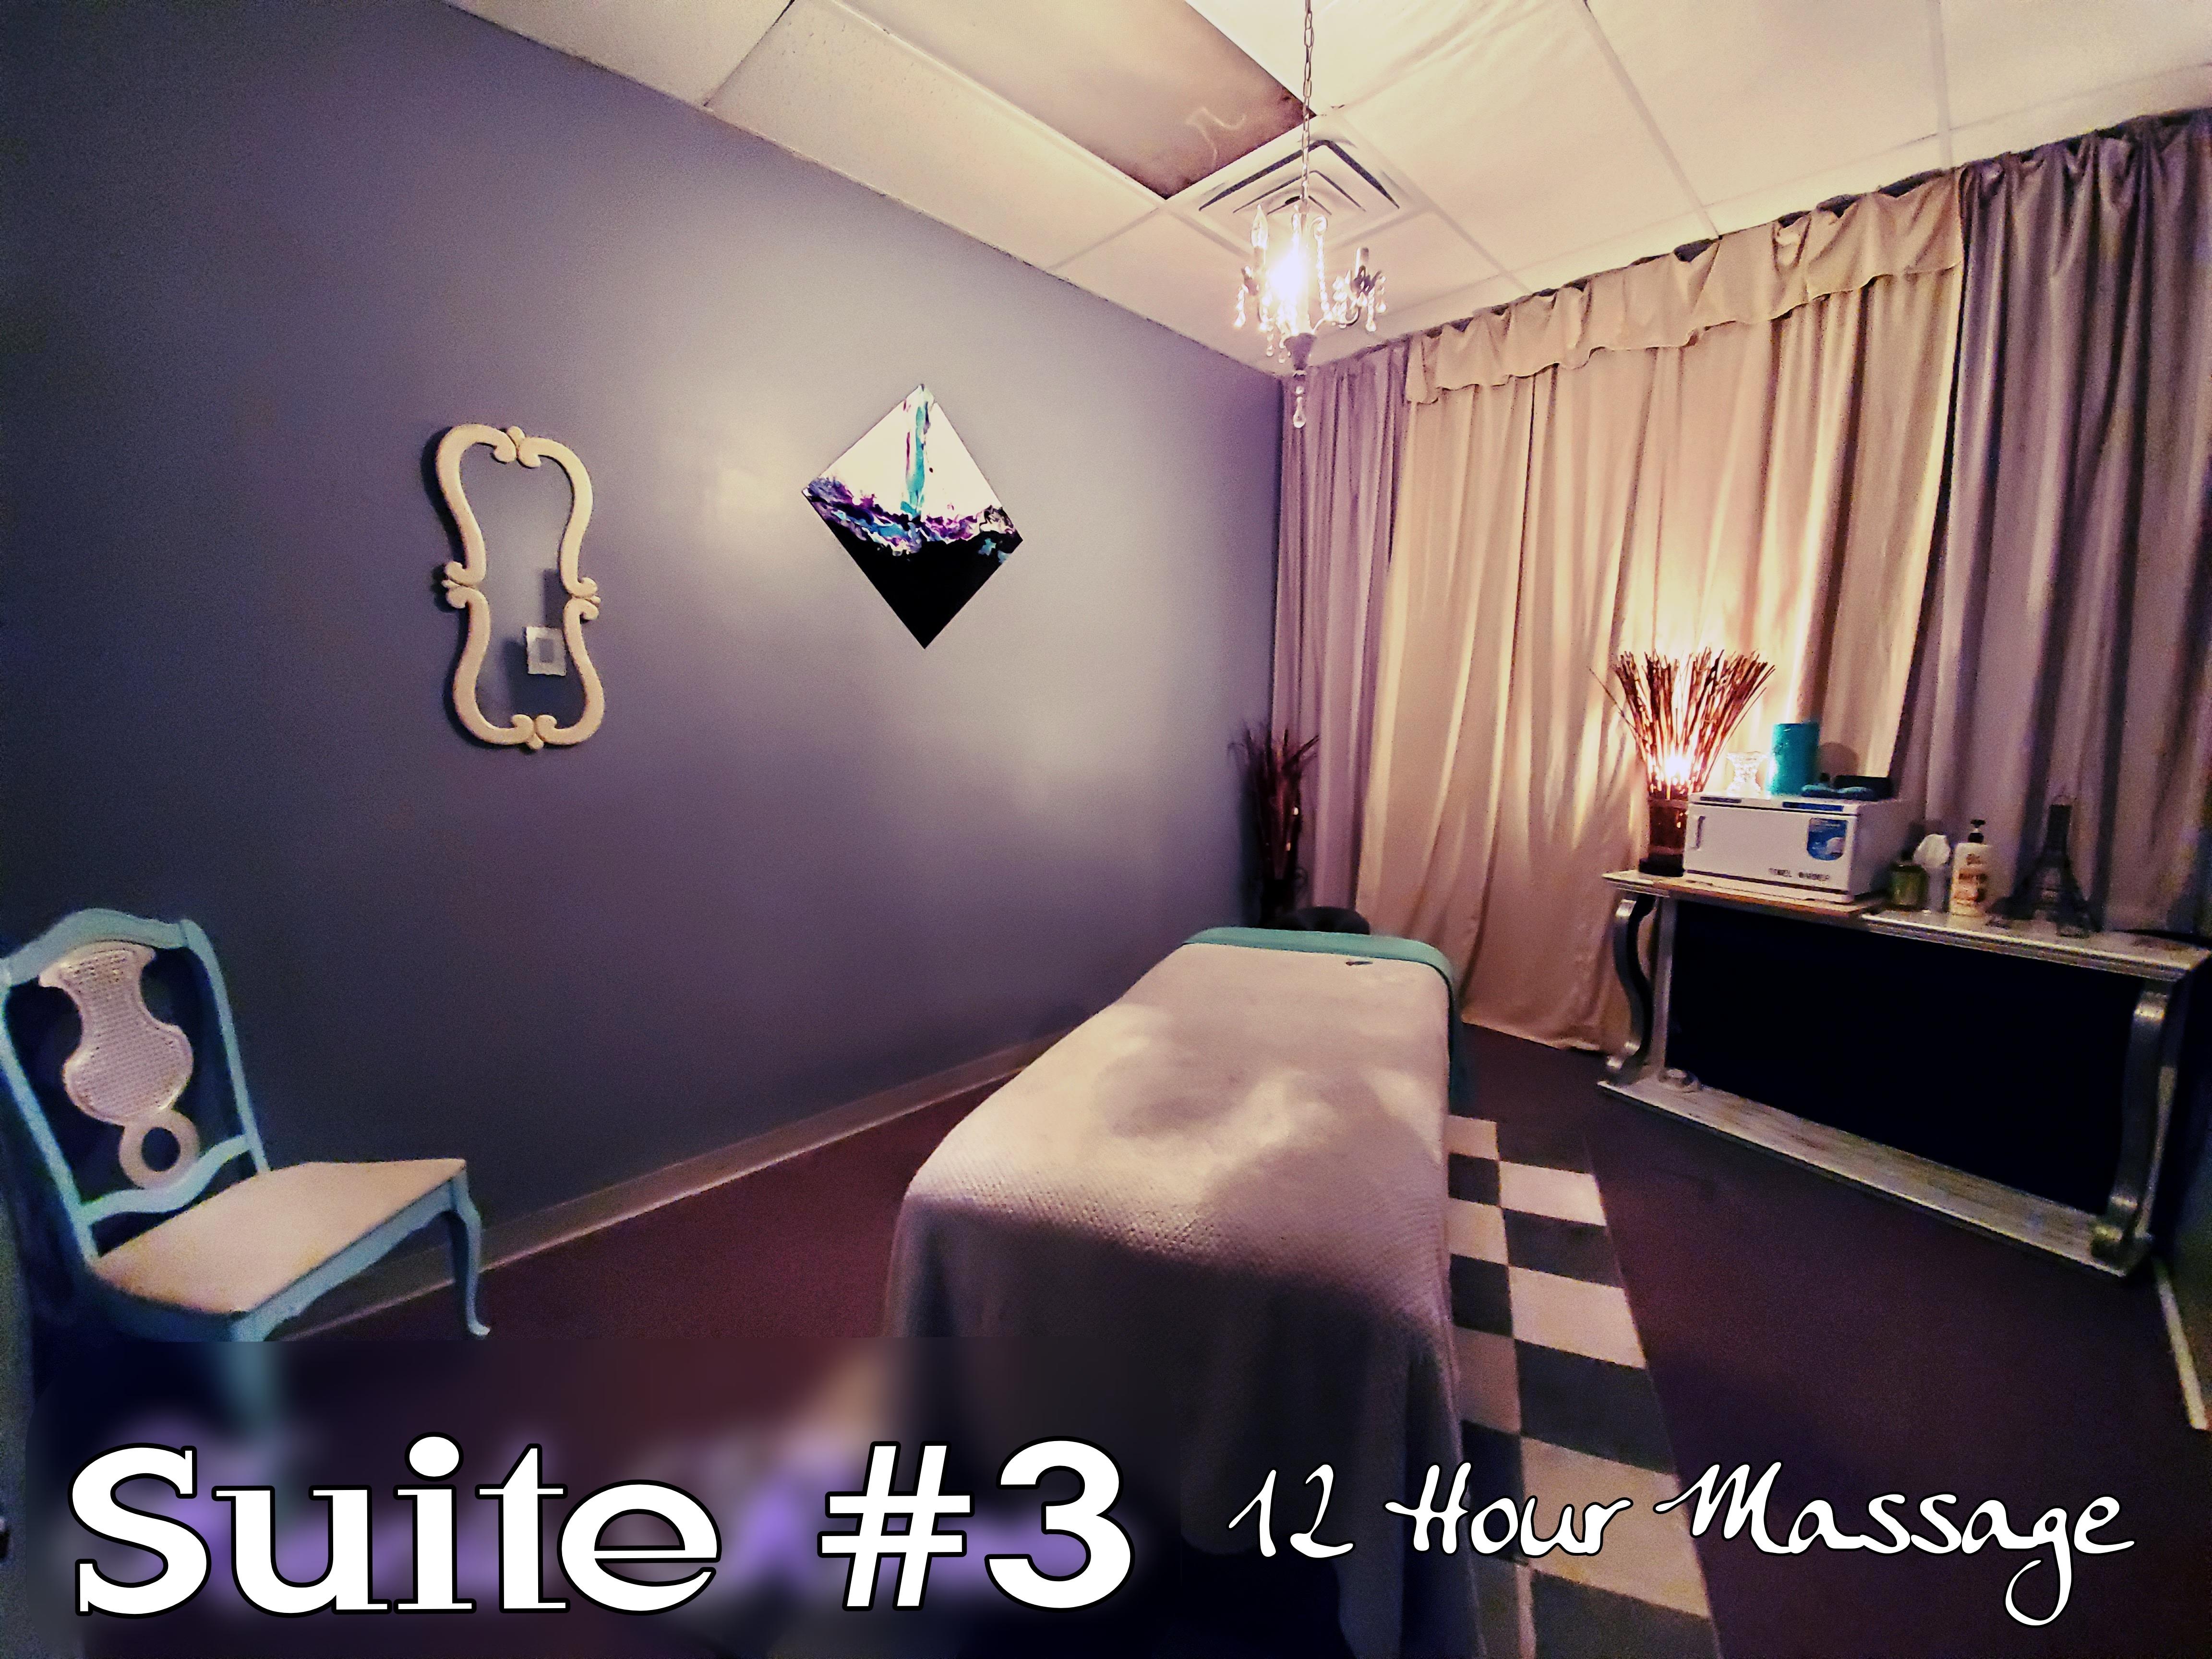 suite # 3